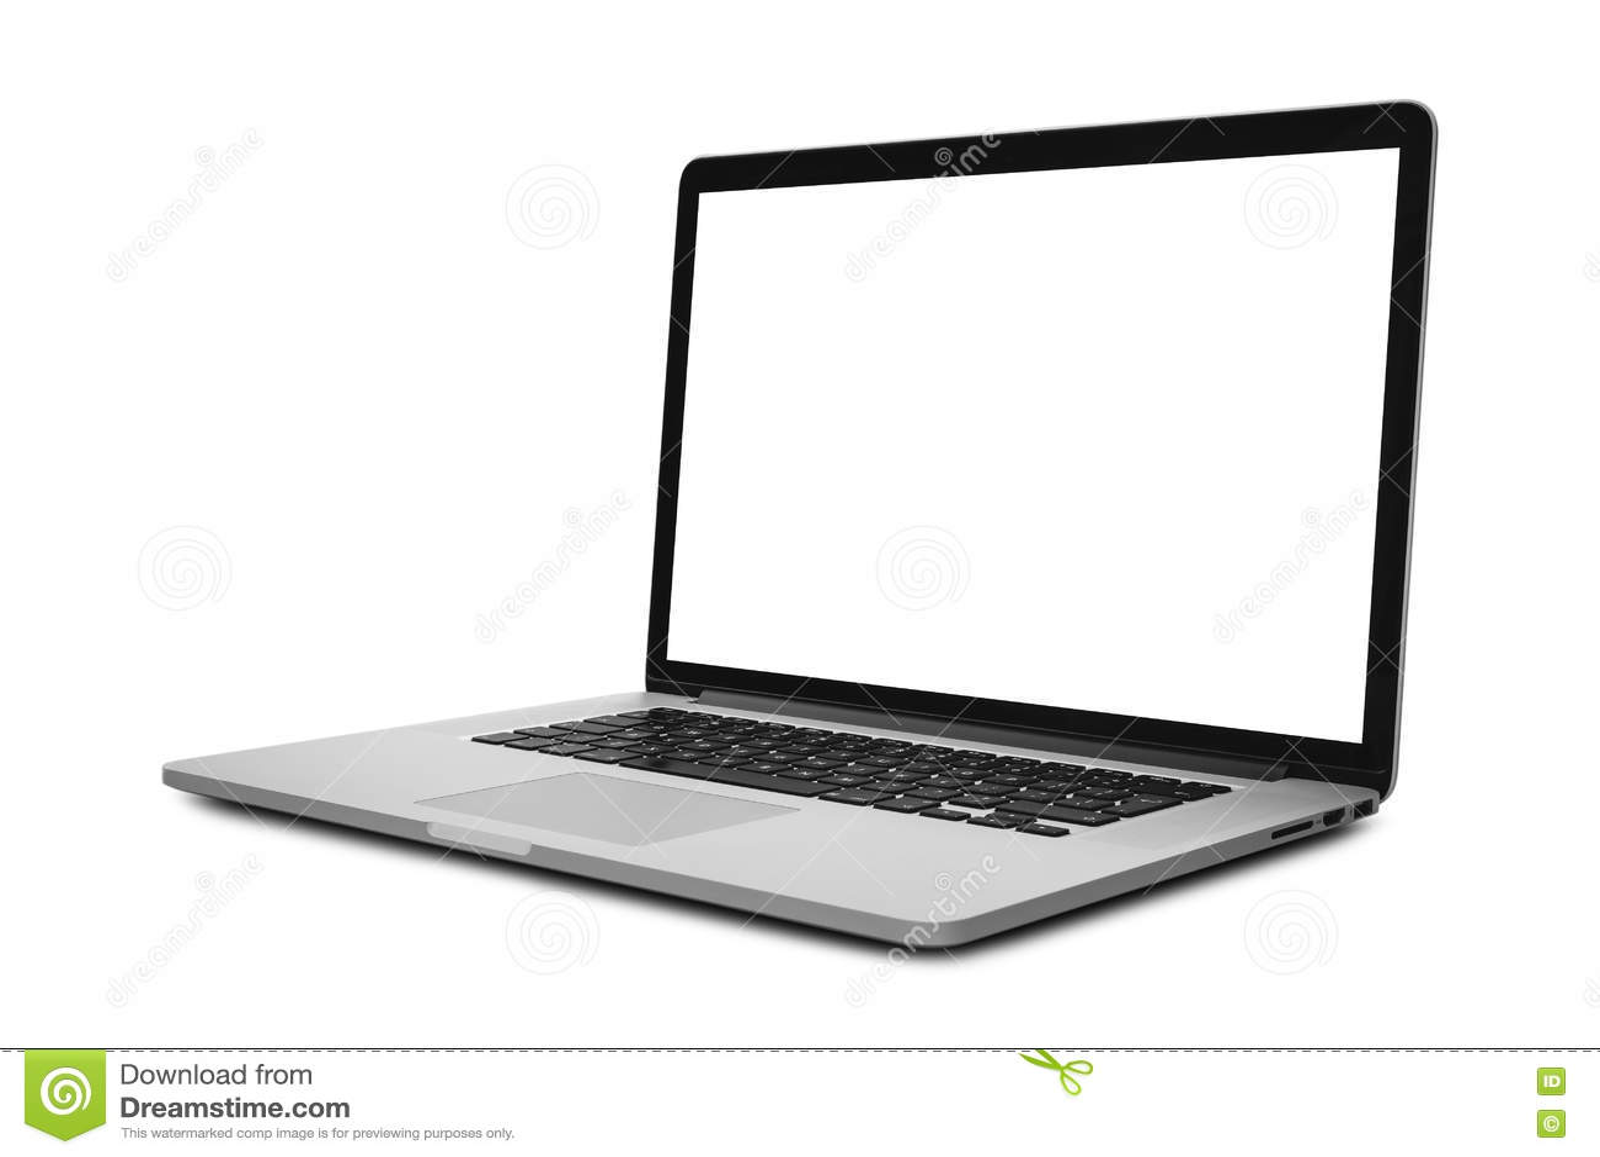 9b6d53d1bcb Laptop mit dem leeren Bildschirm in winkliger Position lokalisiert auf weißem  Hintergrund